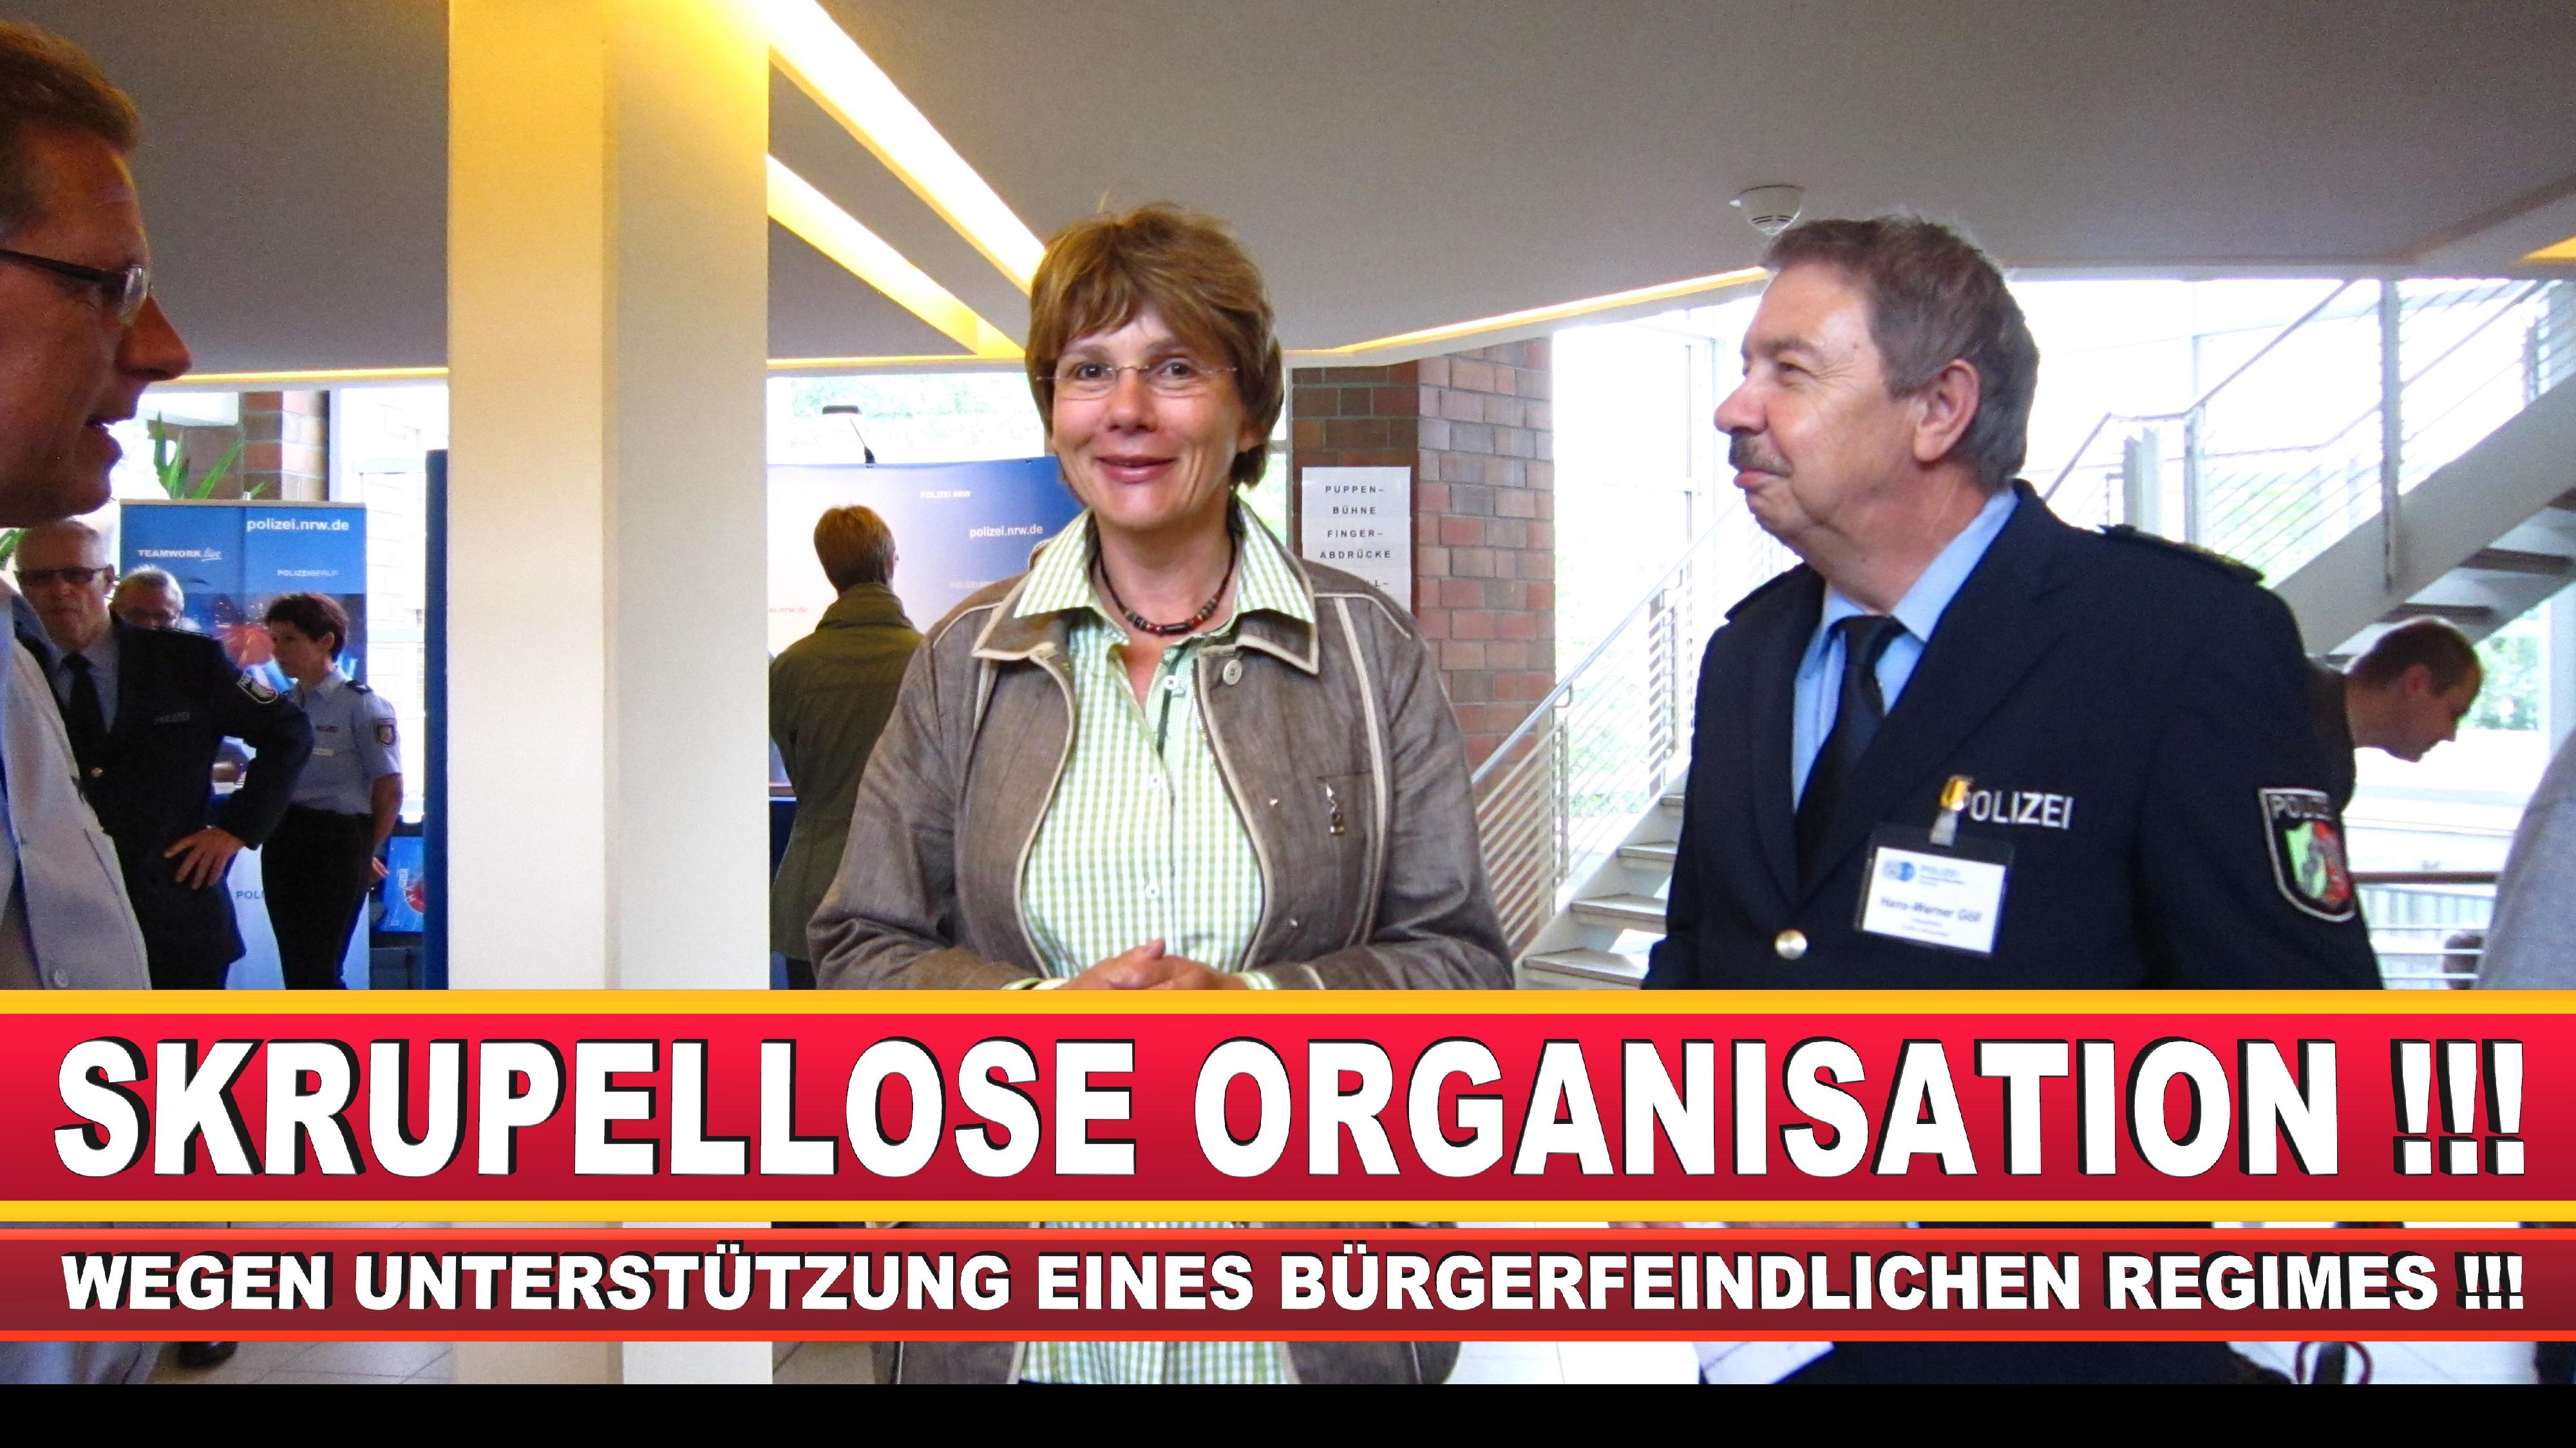 Polizeipräsidentin Katharina Giere Polizei Bielefeld NRW Erwin Südfeld Horst Kruse Polizeiuniform Polizeigewalt DEMONSTRATION Bahnhof (19)